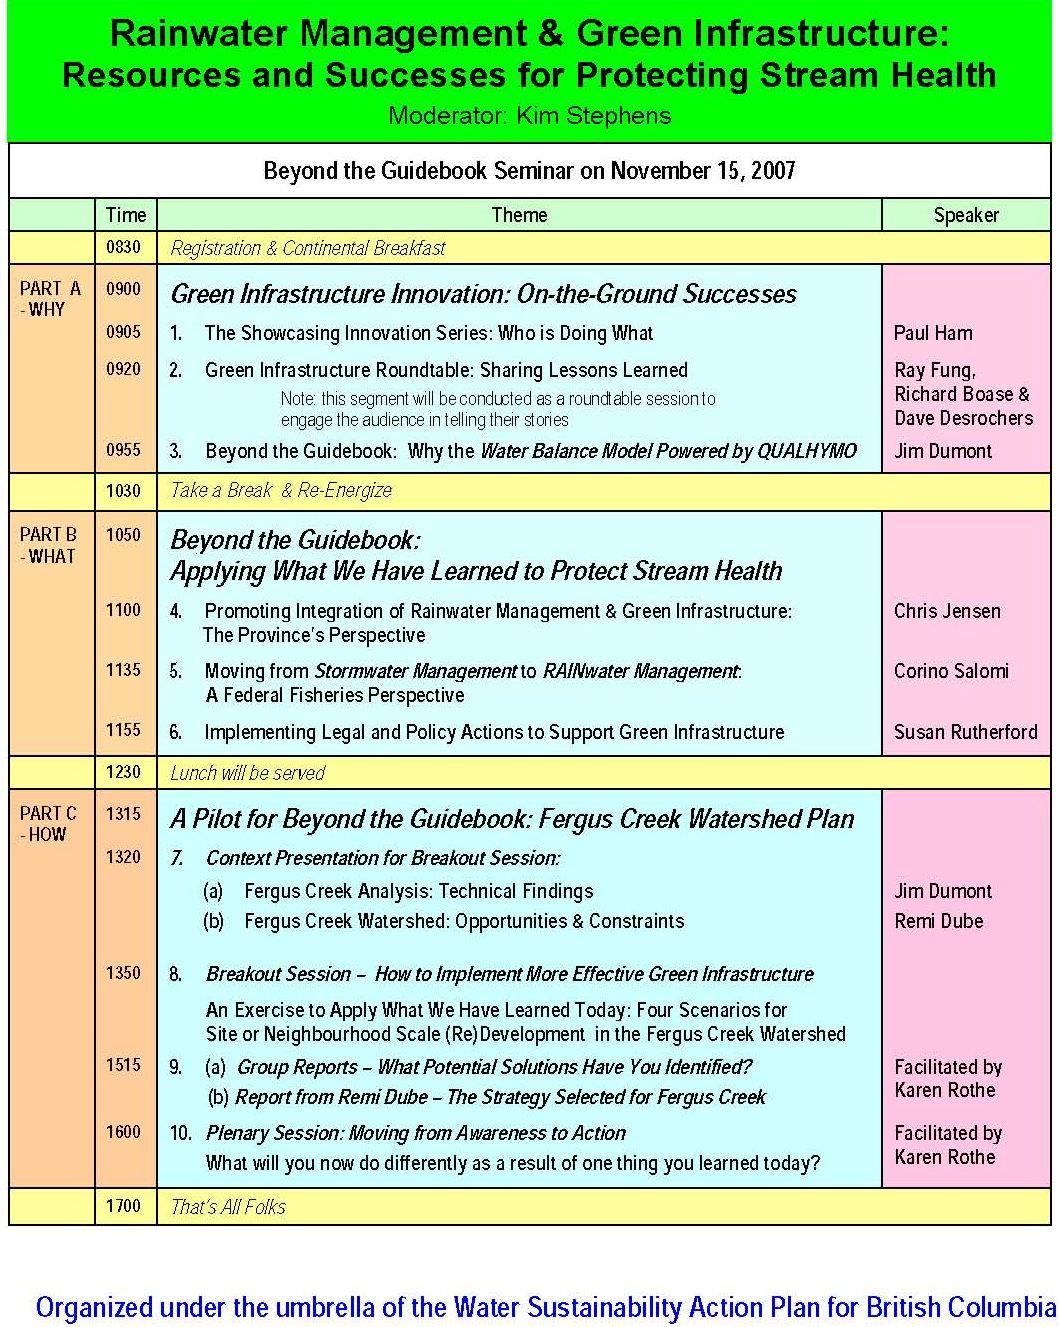 2007-Beyond-Guidebook-Seminar_Final Agenda